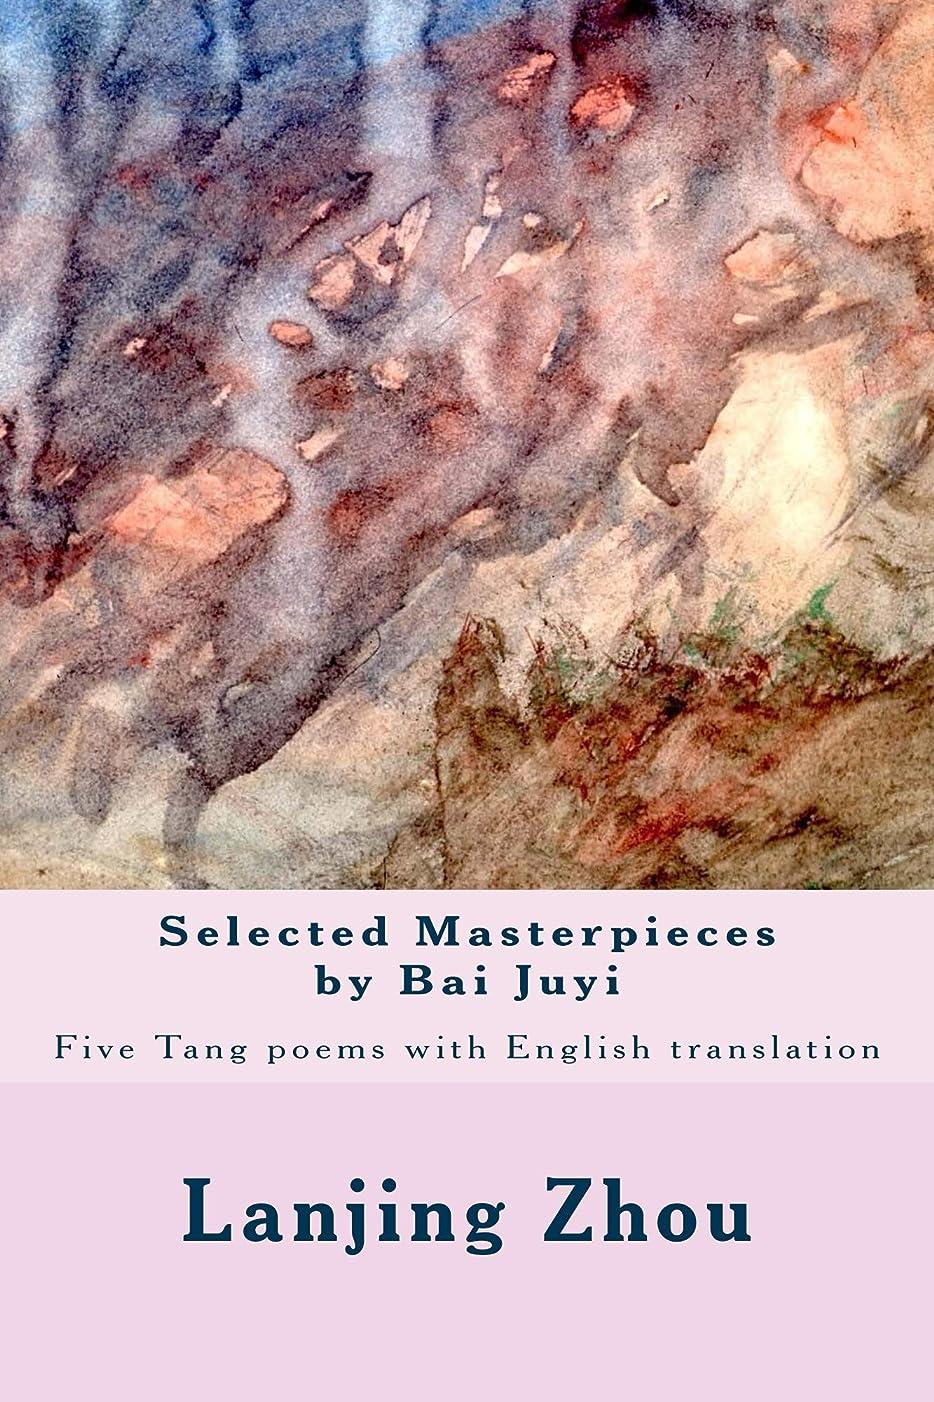 使役パトロール廊下Selected Masterpieces by Bai Juyi: Five Tang poems with English translation (English Edition)